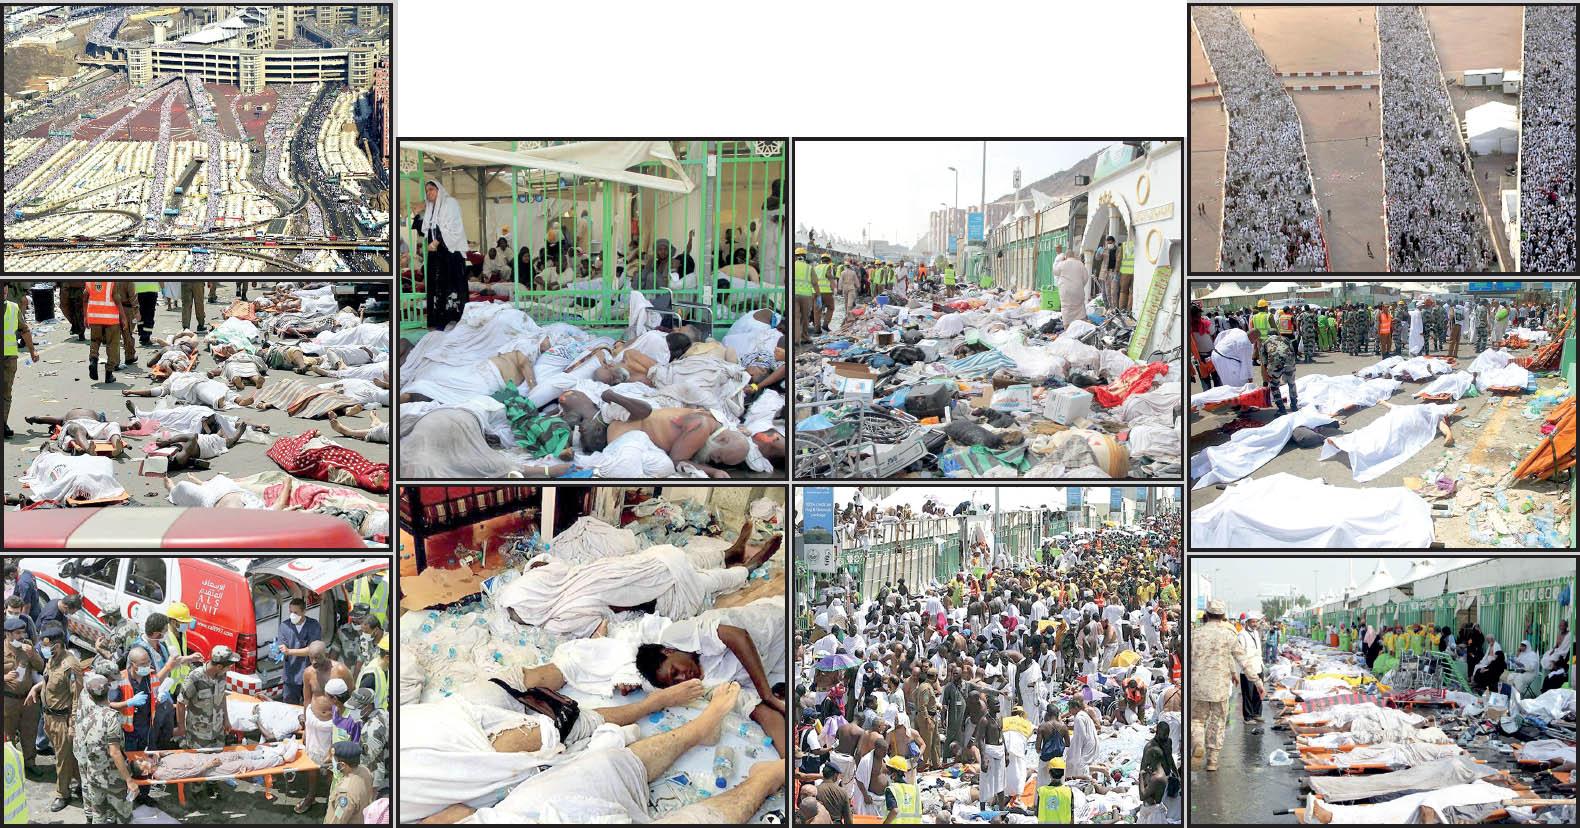 حوادث حج امسال به ویژه فاجعه منا بی تدبیری و بی کفایتی عربستان را بیش از پیش بر همگان آشکار ساخت